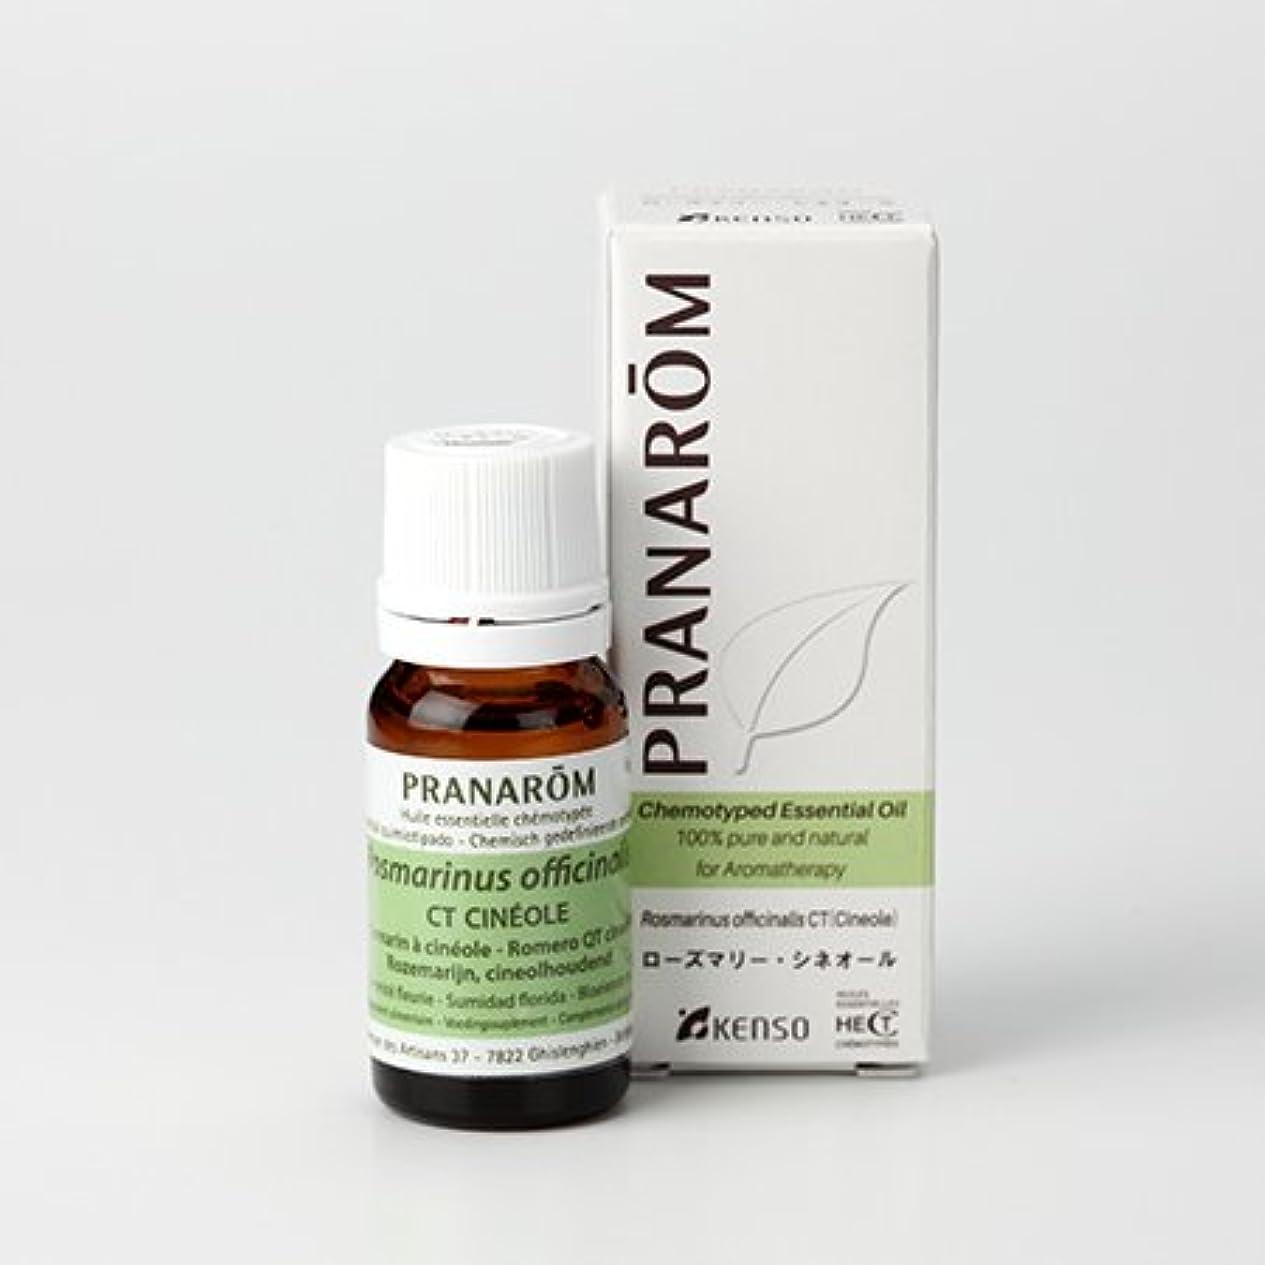 消費行うリレープラナロム ( PRANAROM ) 精油 ローズマリー?シネオール 10ml p-160 ローズマリーシネオール